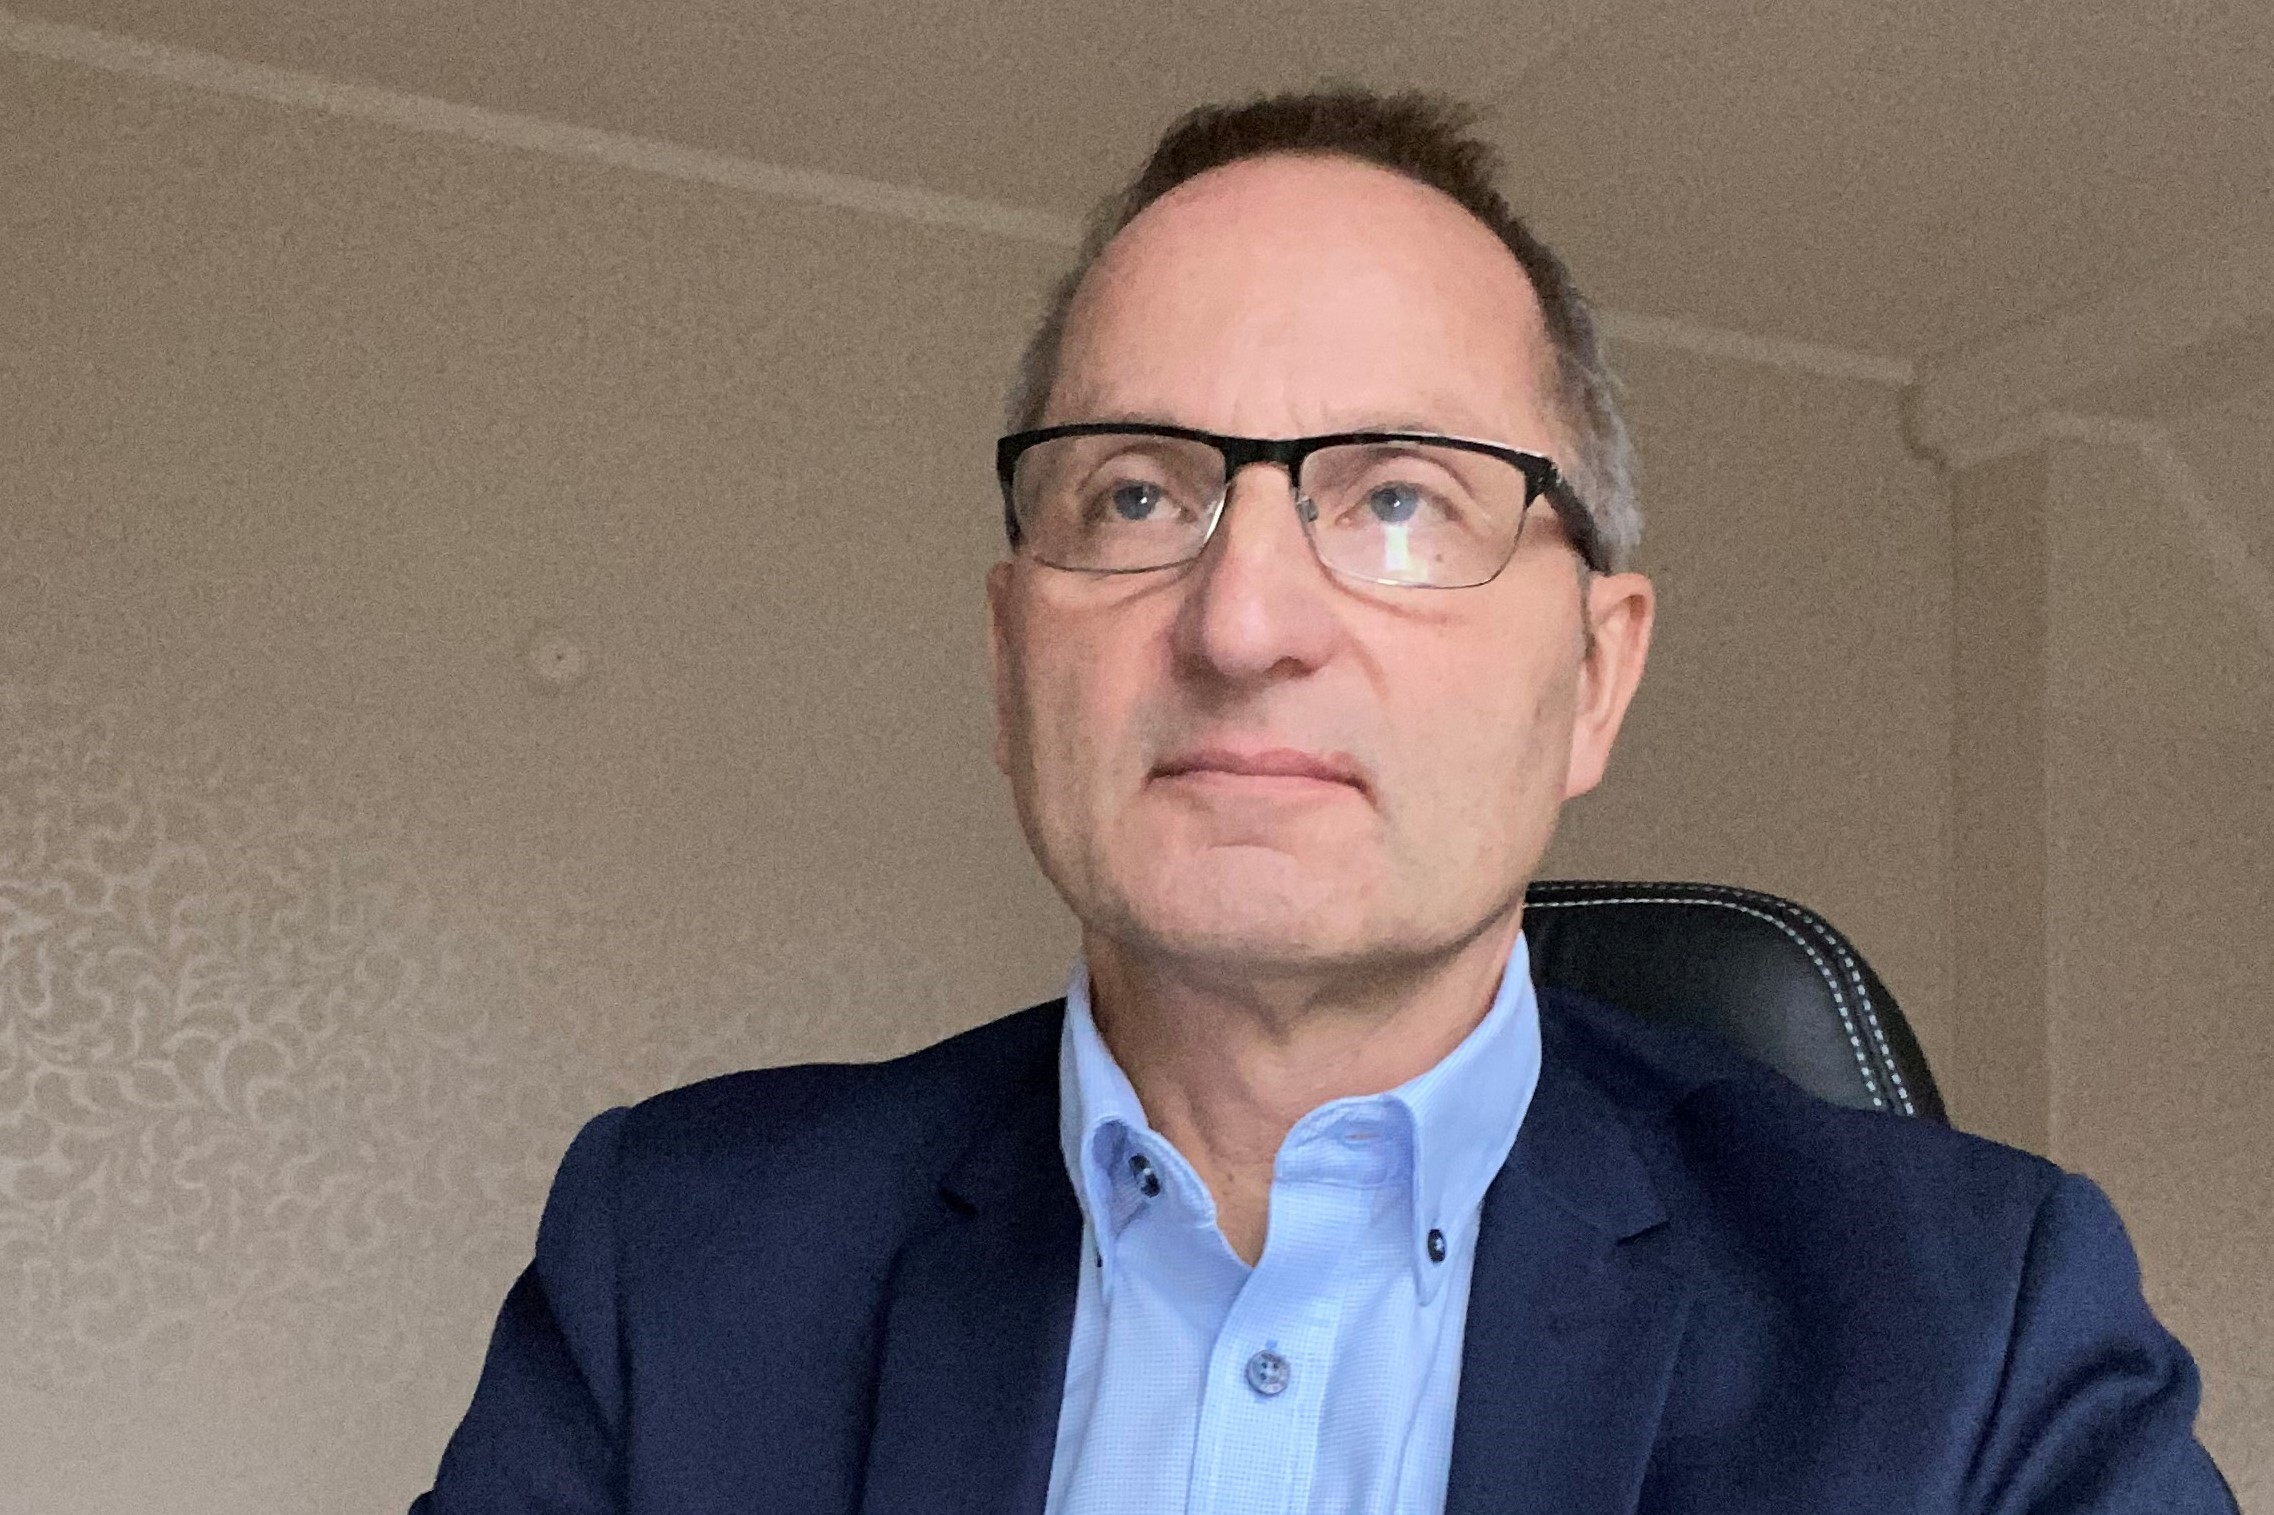 Skanskes prosjektleder Jan J. Johansson